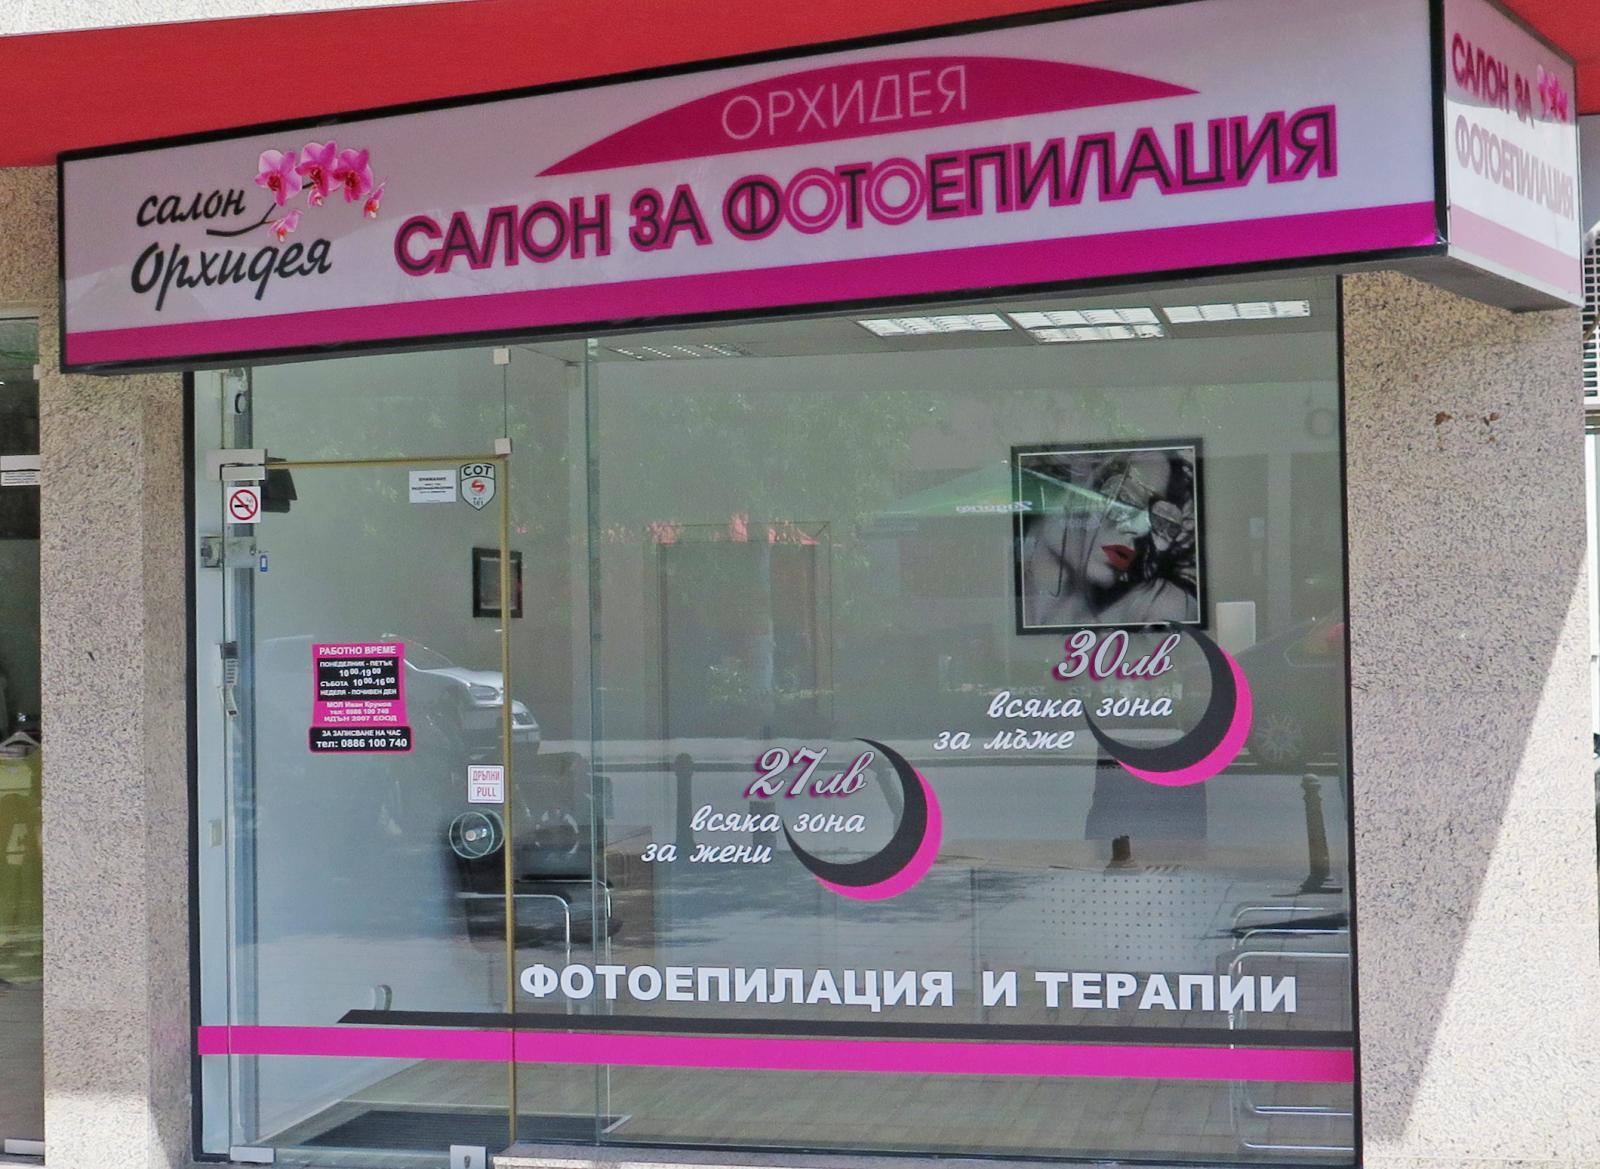 Заличете следите на времето с 1 или 7 процедури фотоподладяване на лице в салон Орхидея - Студентски град! - Снимка 6